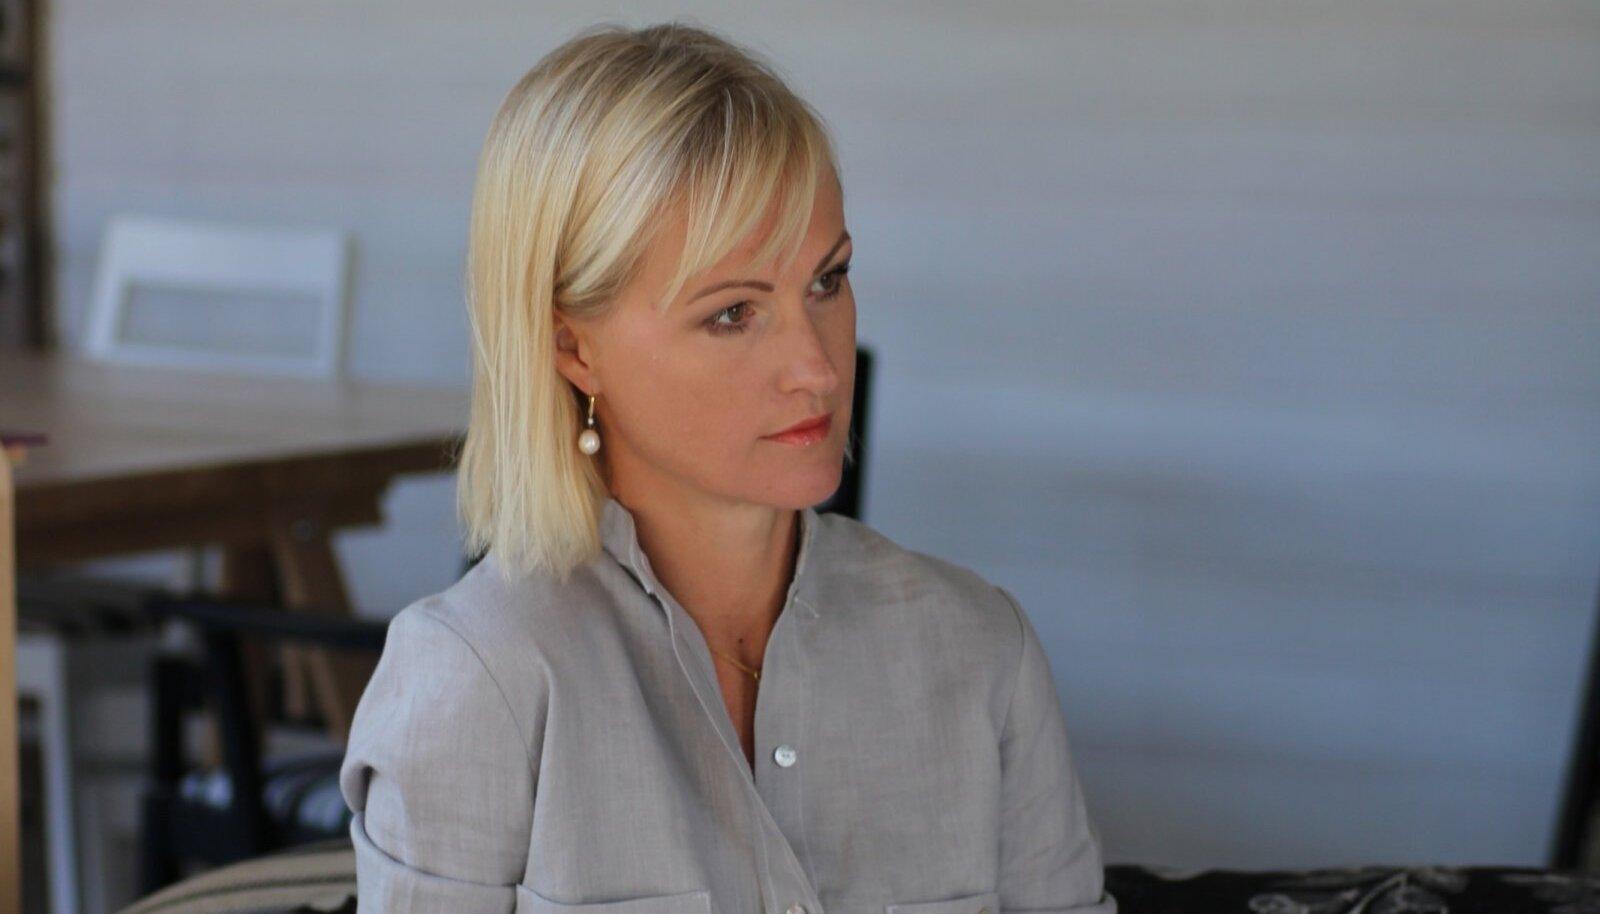 Mulle on lapsest saadik sisse süstitud, et asjad peavad ajale vastu pidama, ütleb Marilin Sikkal.